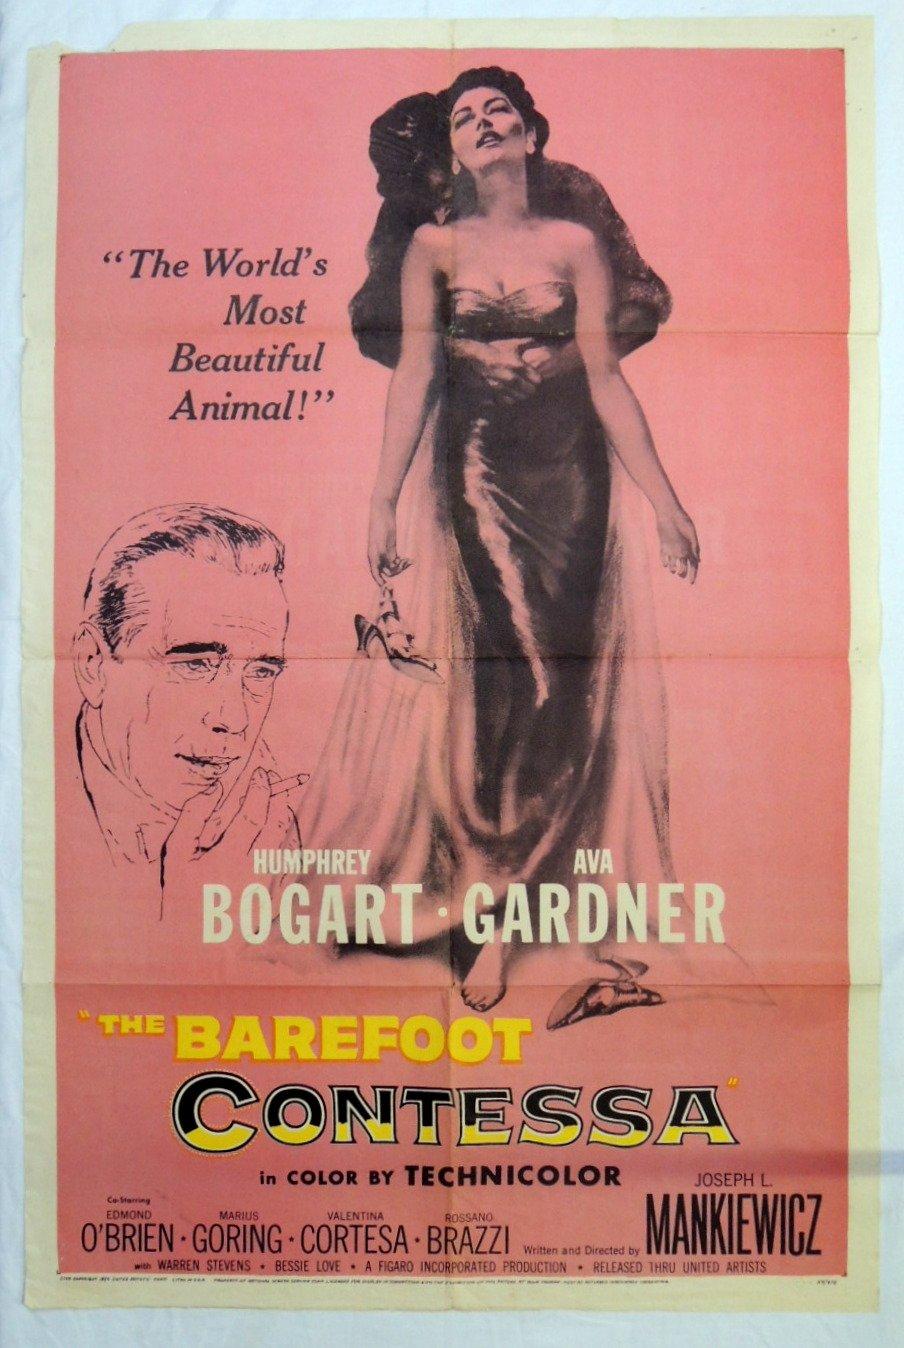 Orig 1954 Barefoot Contessa Movie Poster Humphrey Bogart Ava Gardner Humphrey Bogart Ava Gardner Amazon Com Books